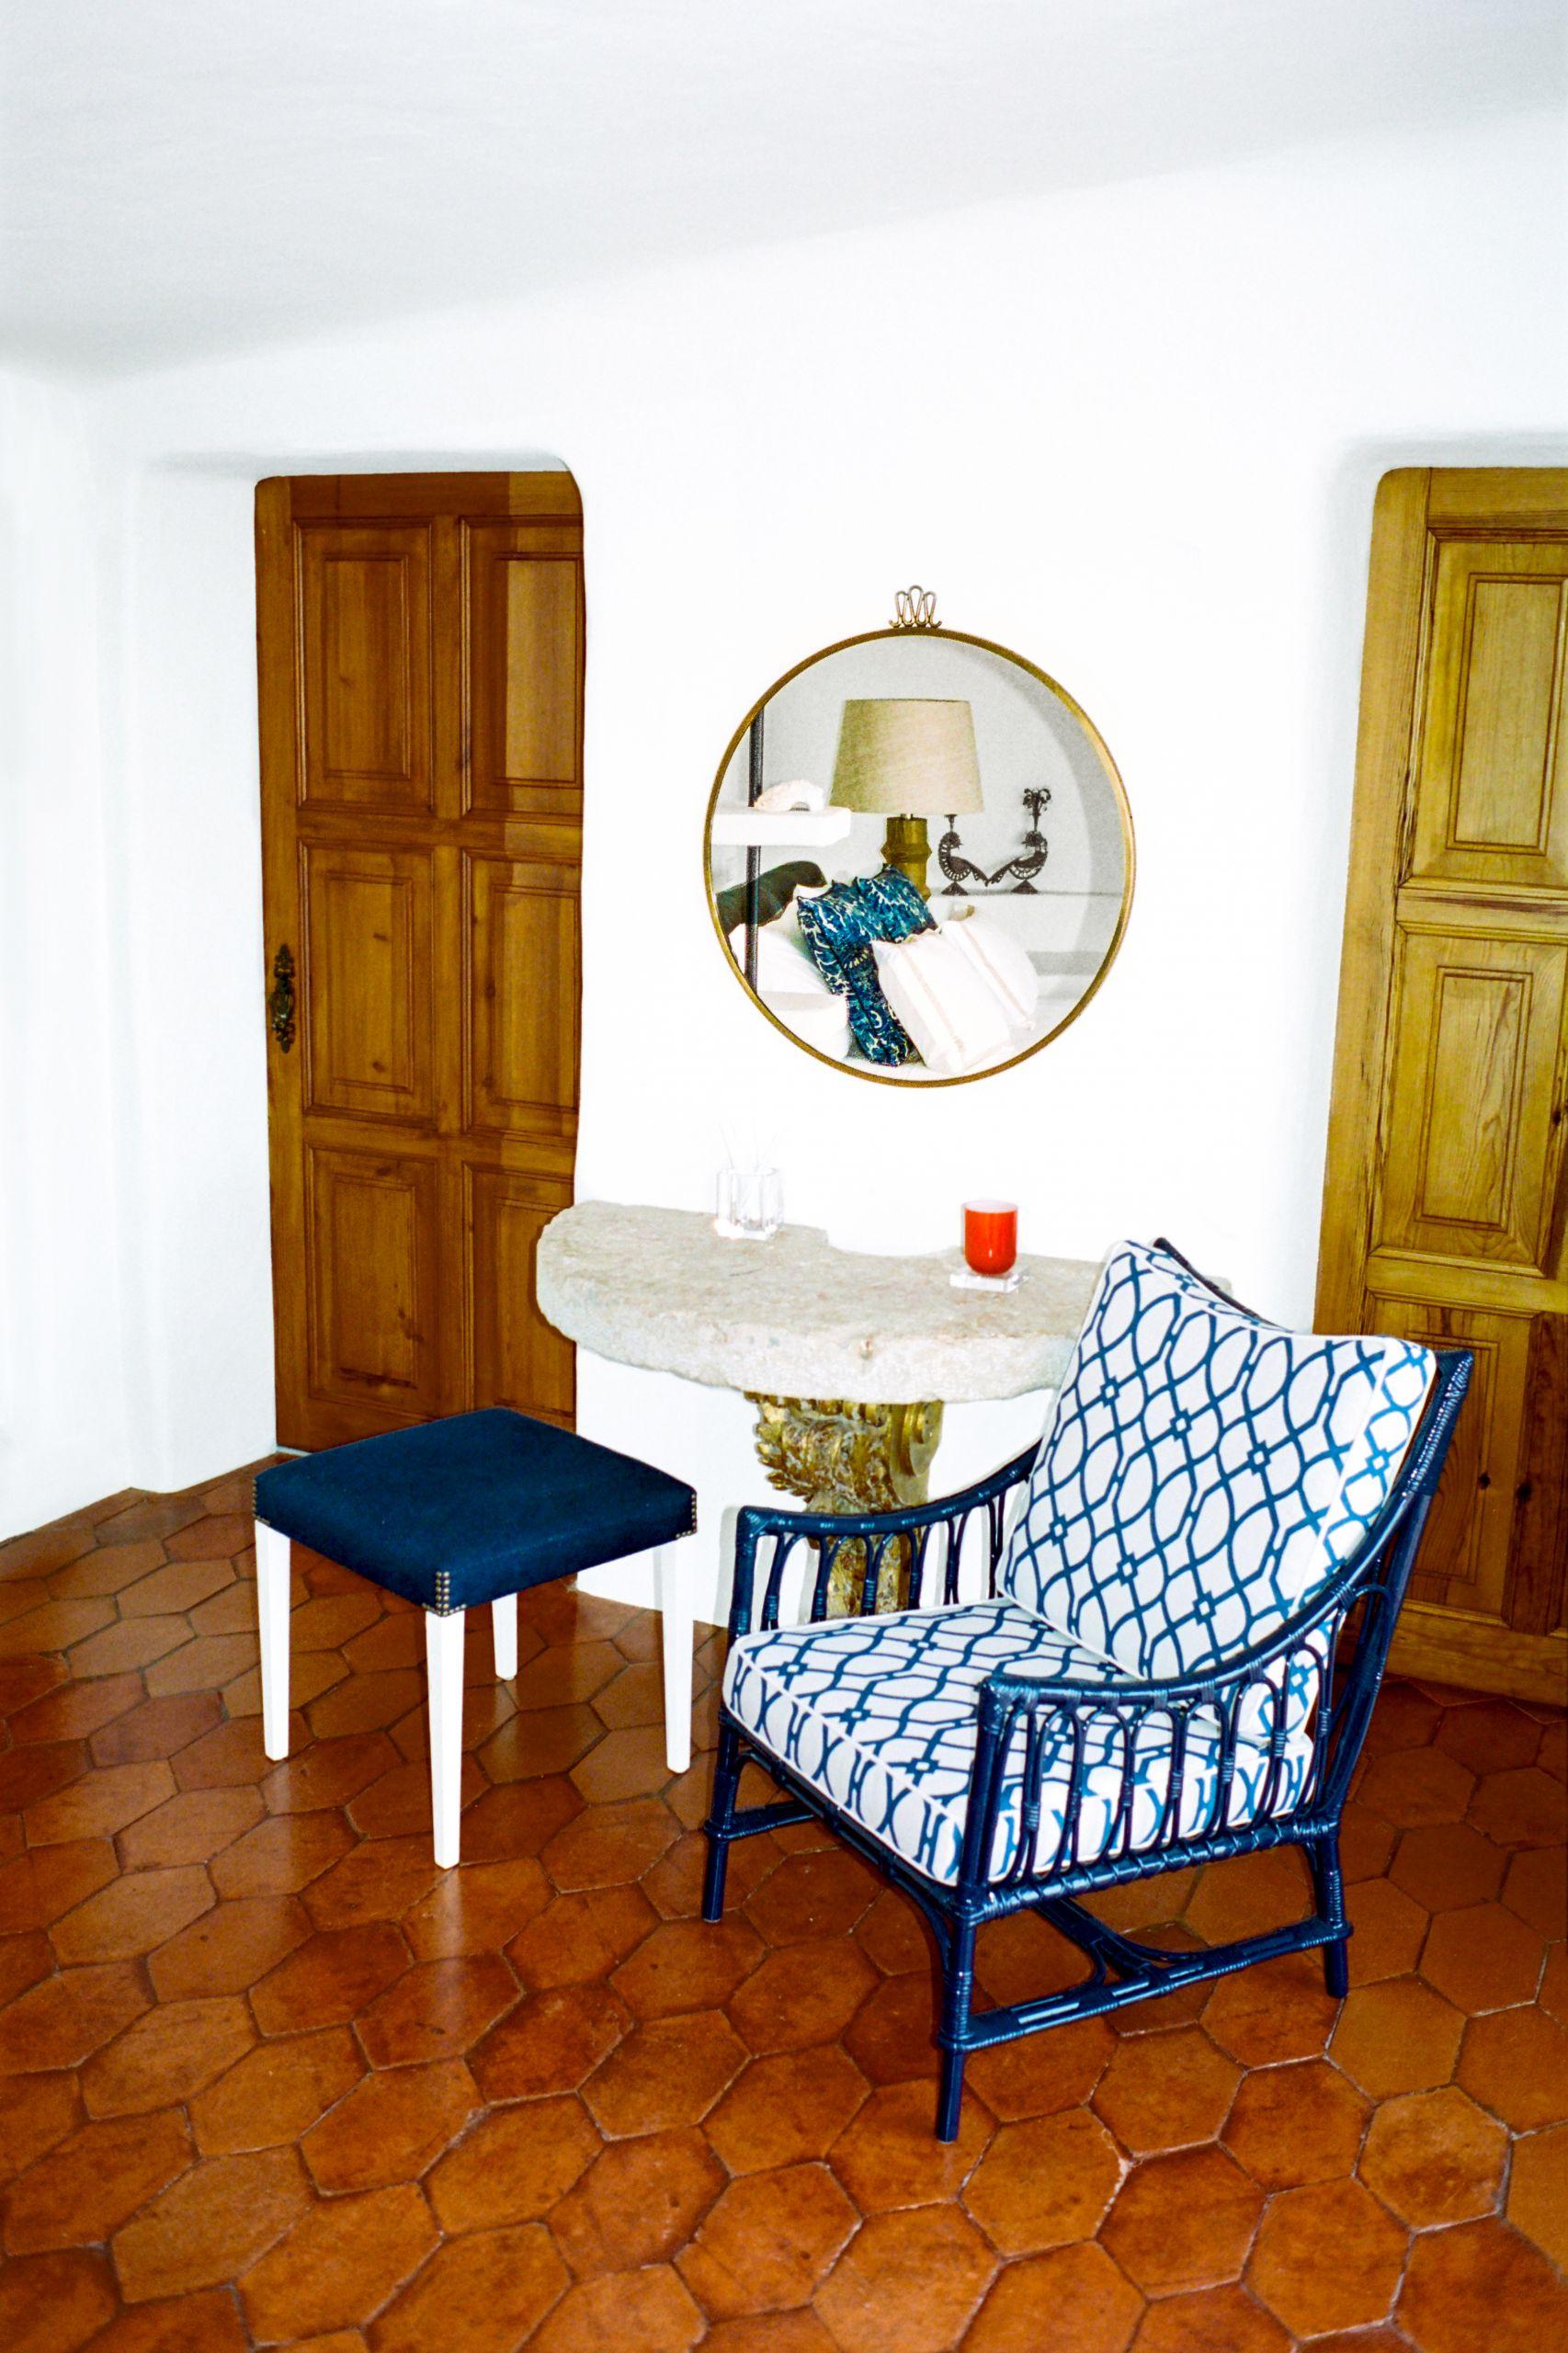 30 Beau Truffaut Salon De Jardin   Salon Jardin intérieur Vima Salon De Jardin